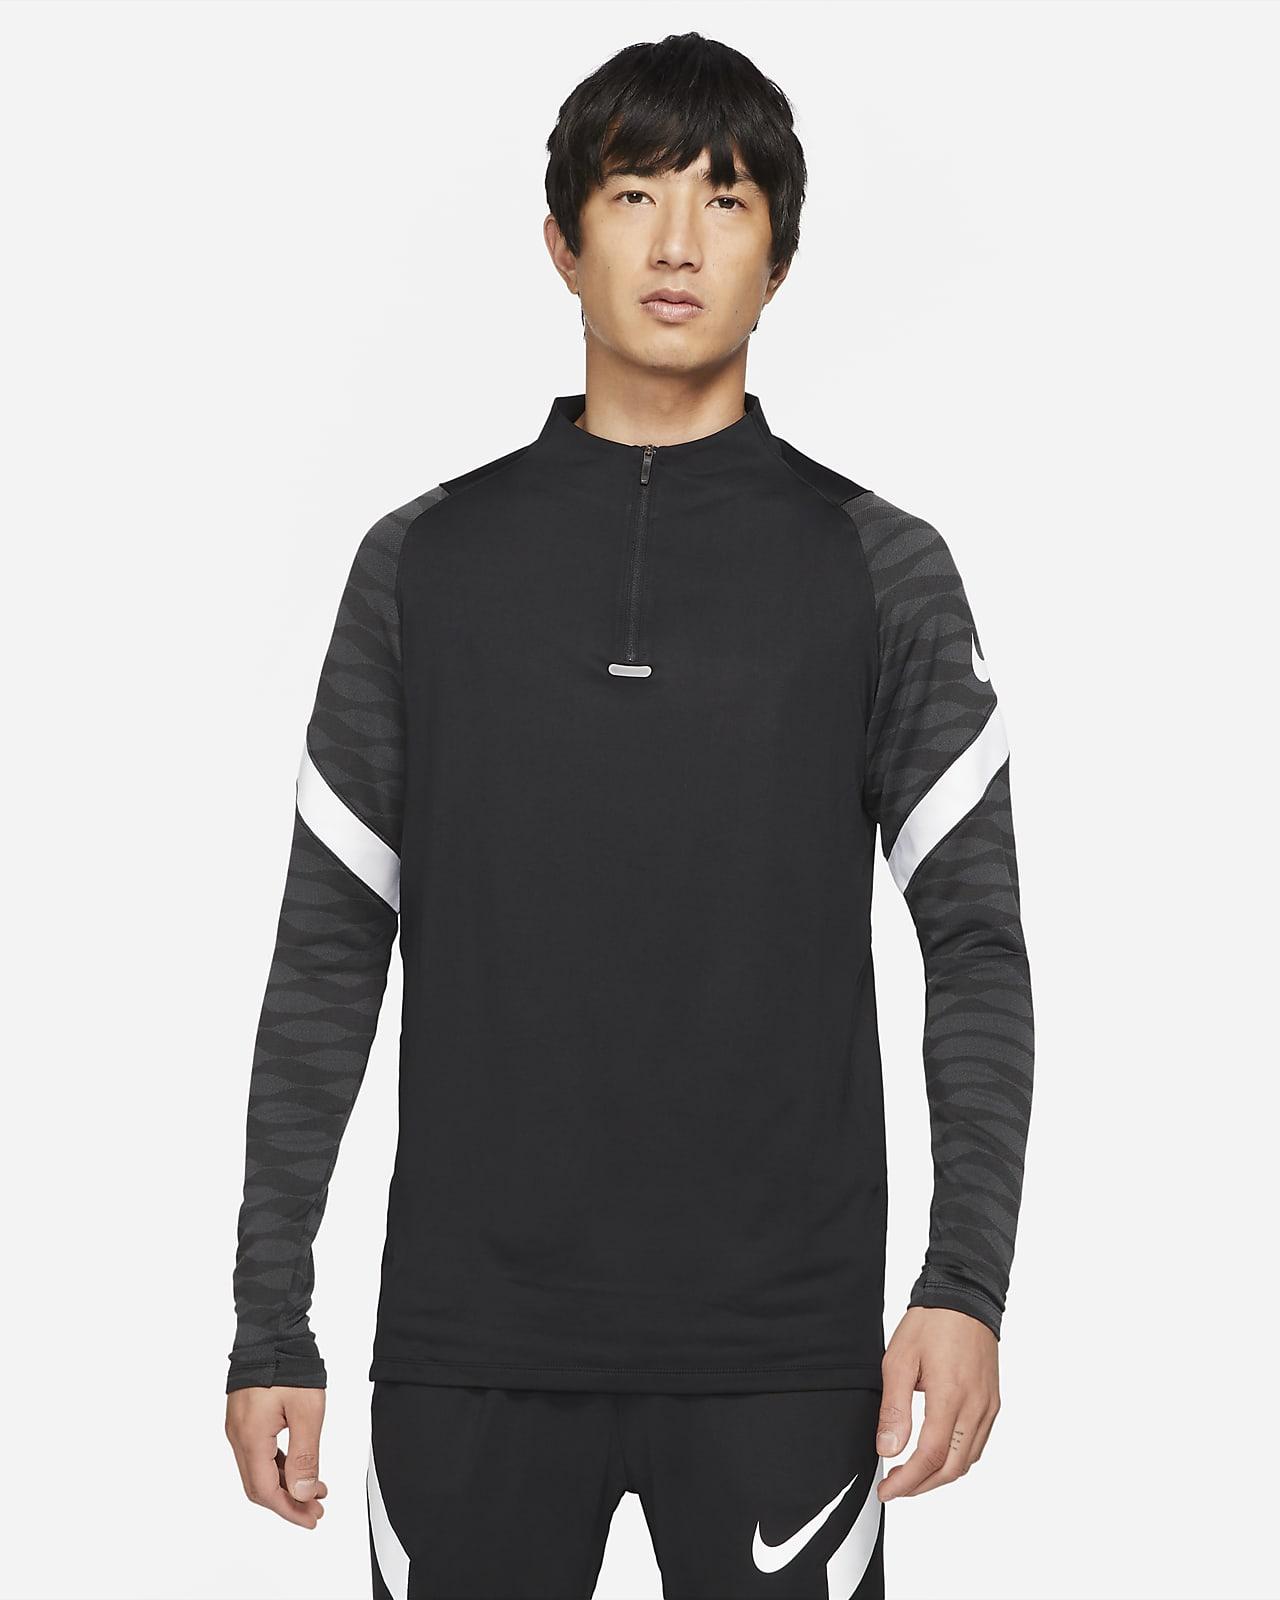 Ανδρική ποδοσφαιρική μπλούζα προπόνησης με φερμουάρ στο 1/4 του μήκους Nike Dri-FIT Strike